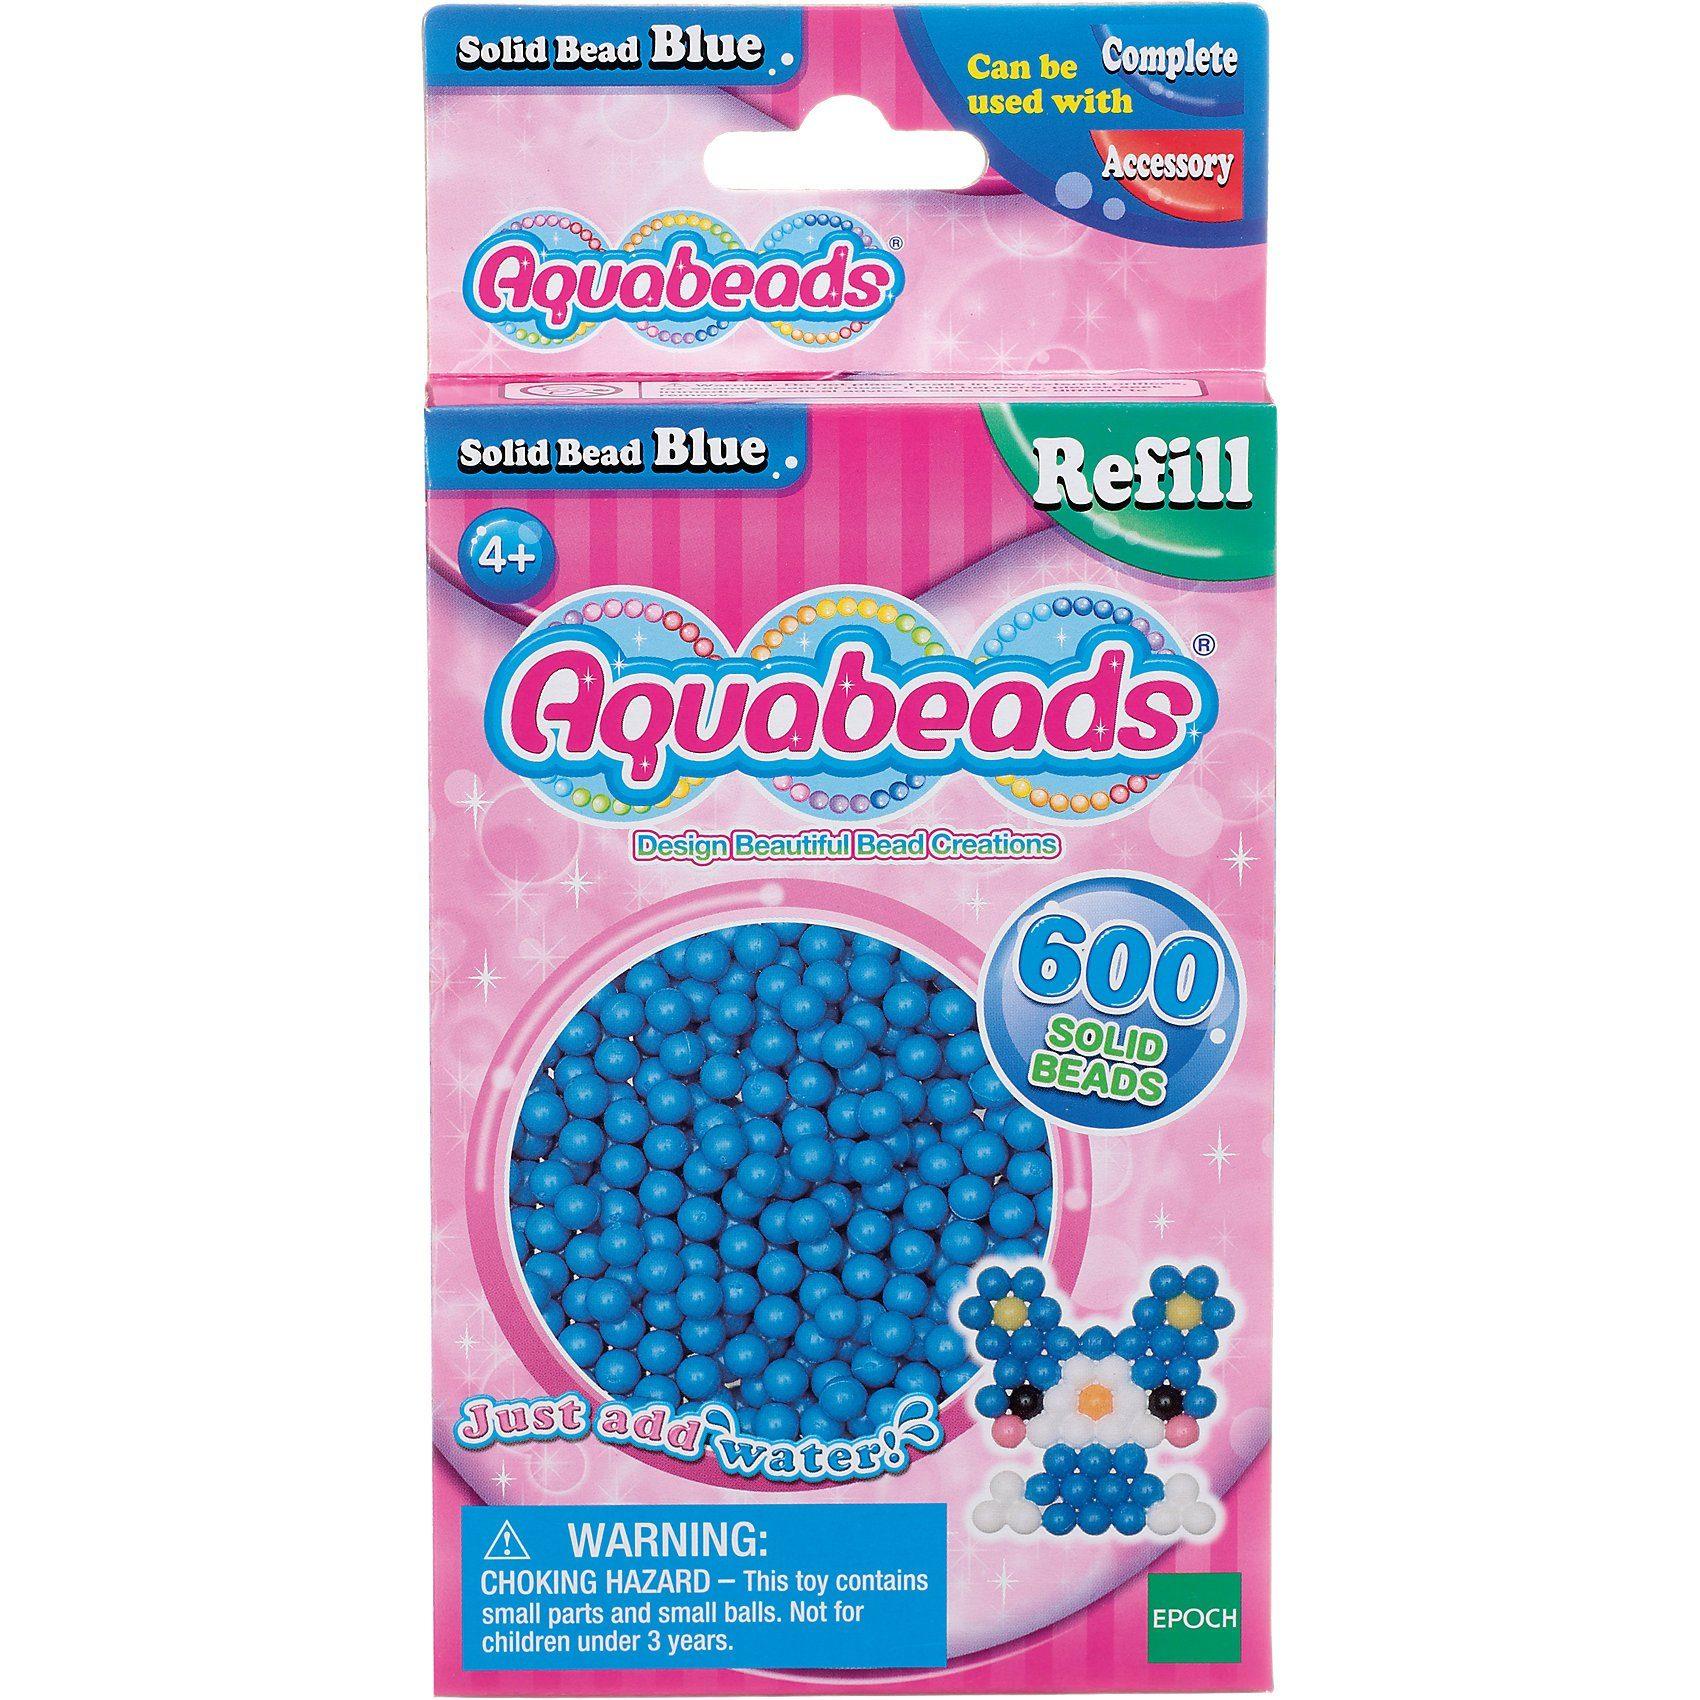 Epoch Traumwiesen Aquabeads Nachfüllpack Blaue Perlen